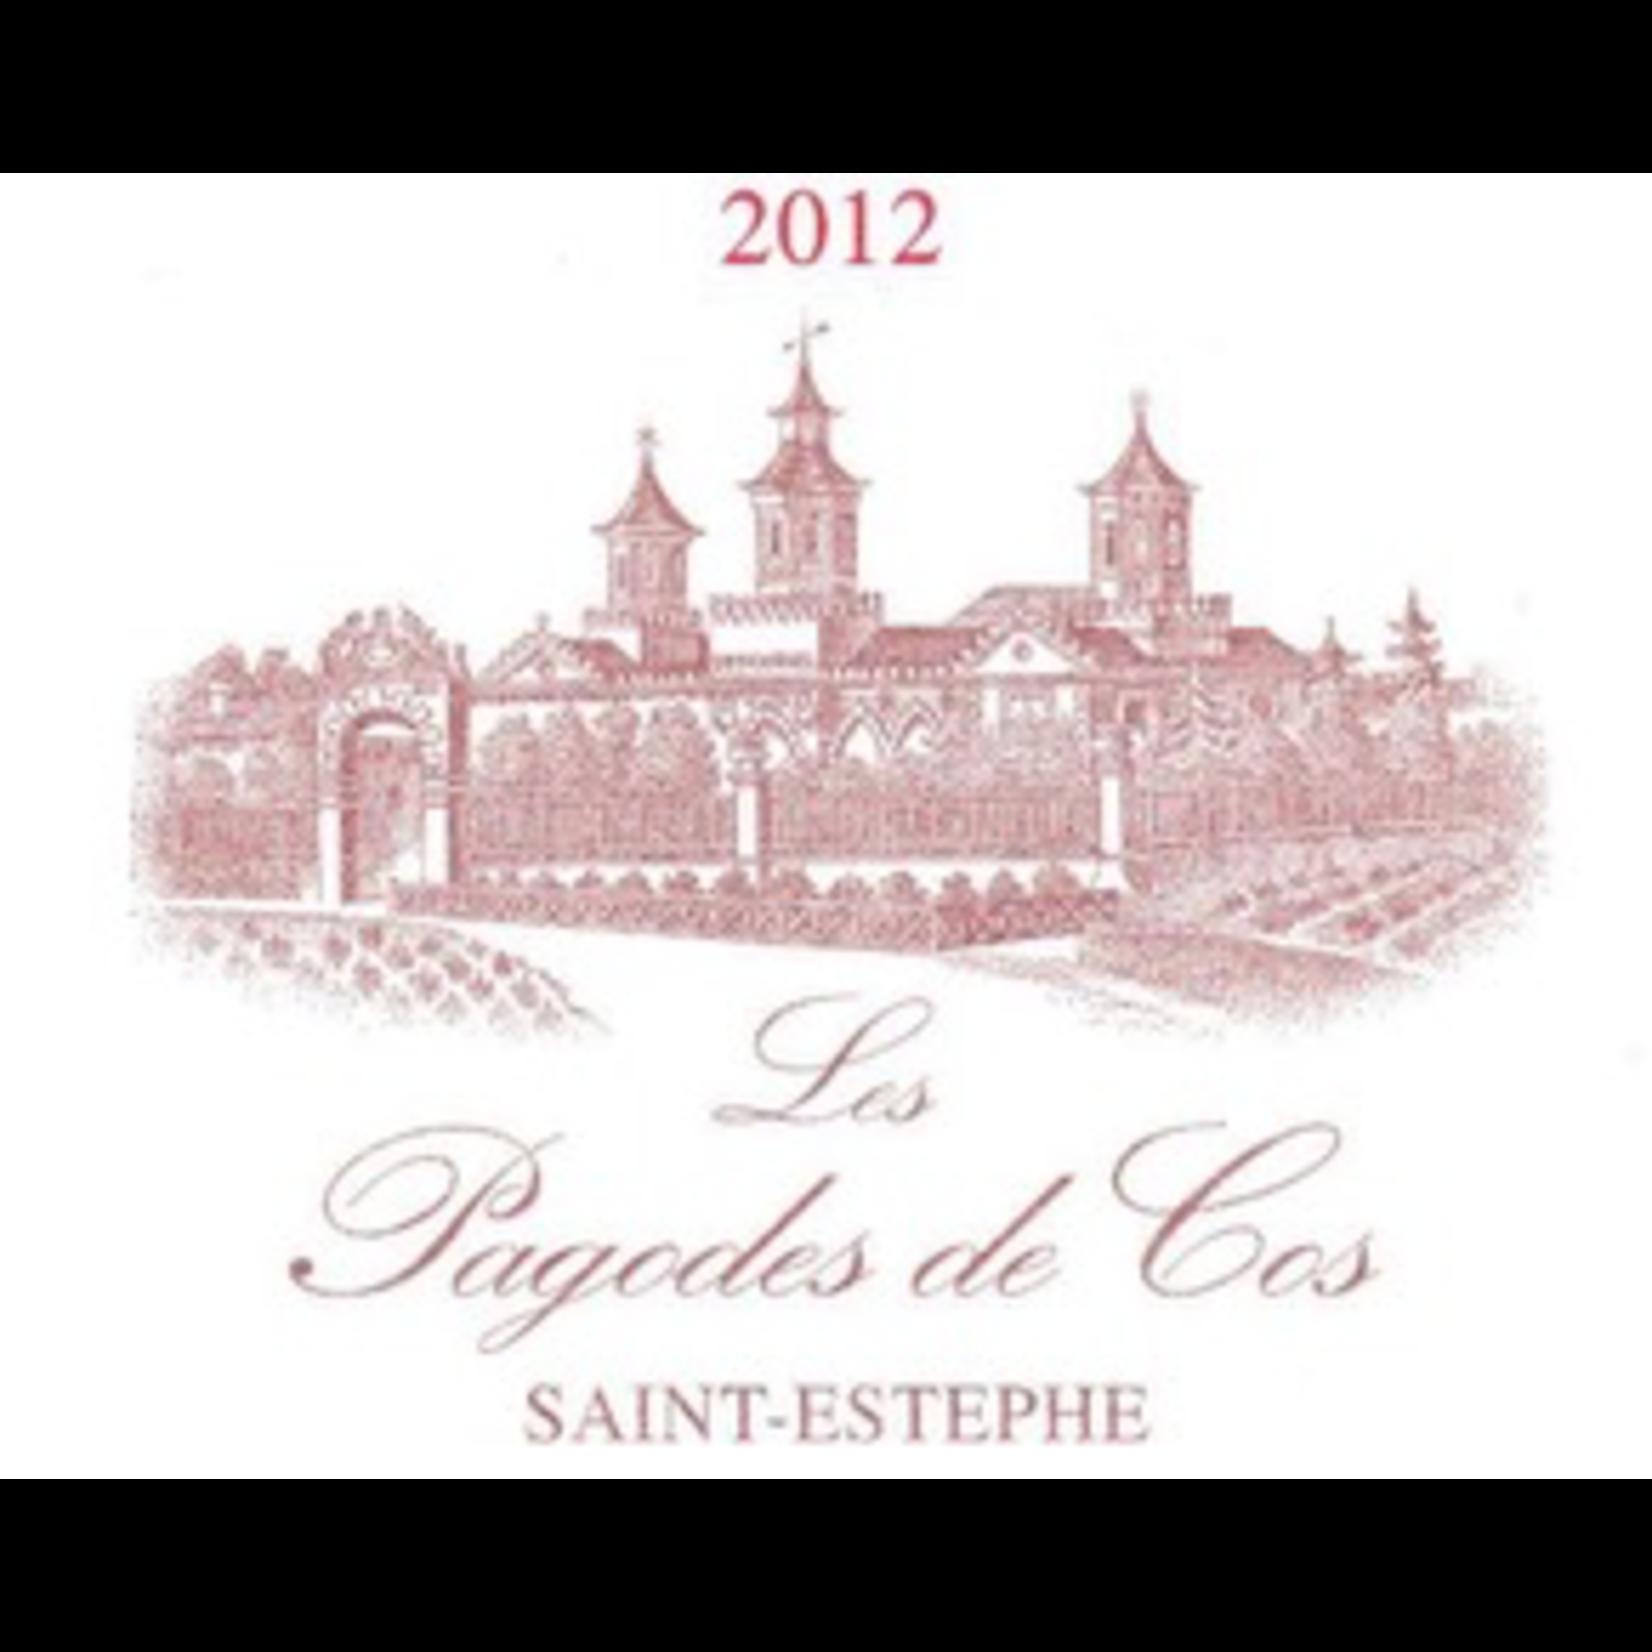 Wine Pagodes de Cos 2012 1.5L